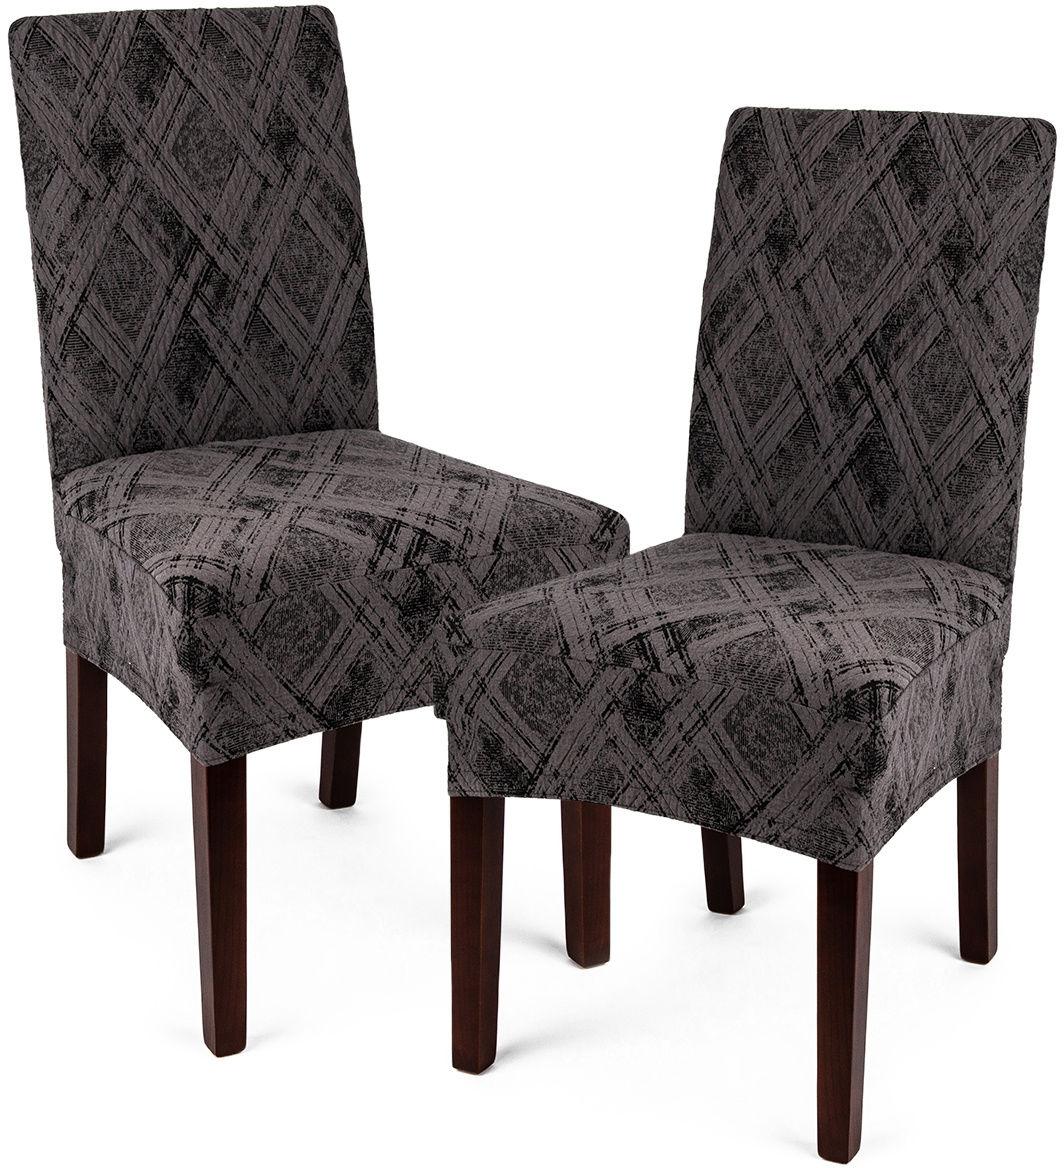 4Home Multielastyczny pokrowiec na krzesło Comfort Plus szary, 40 - 50 cm, zestaw 2 szt.